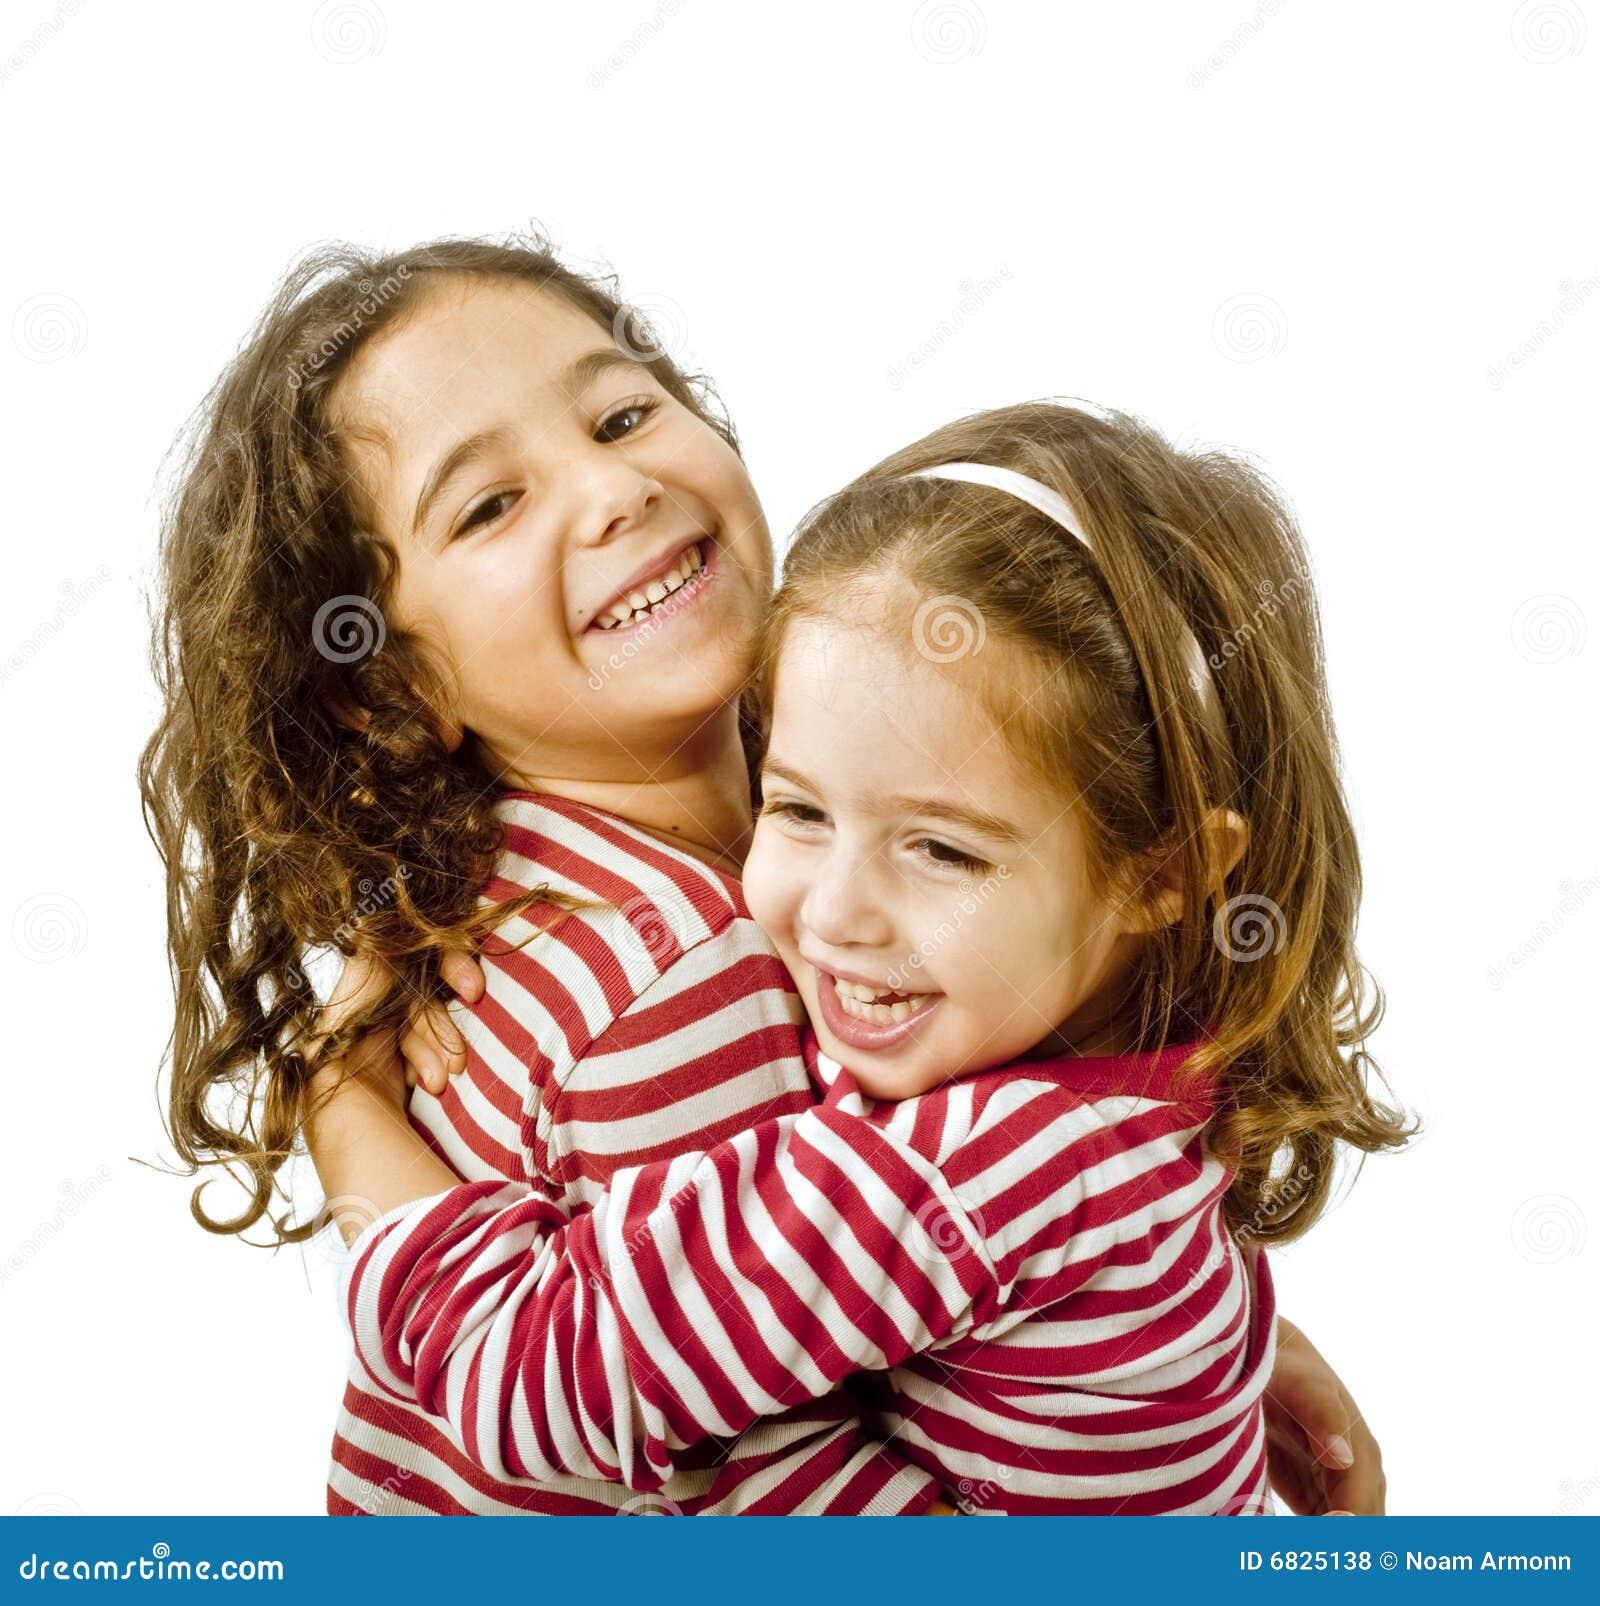 Рассказы любовь сестры 17 фотография